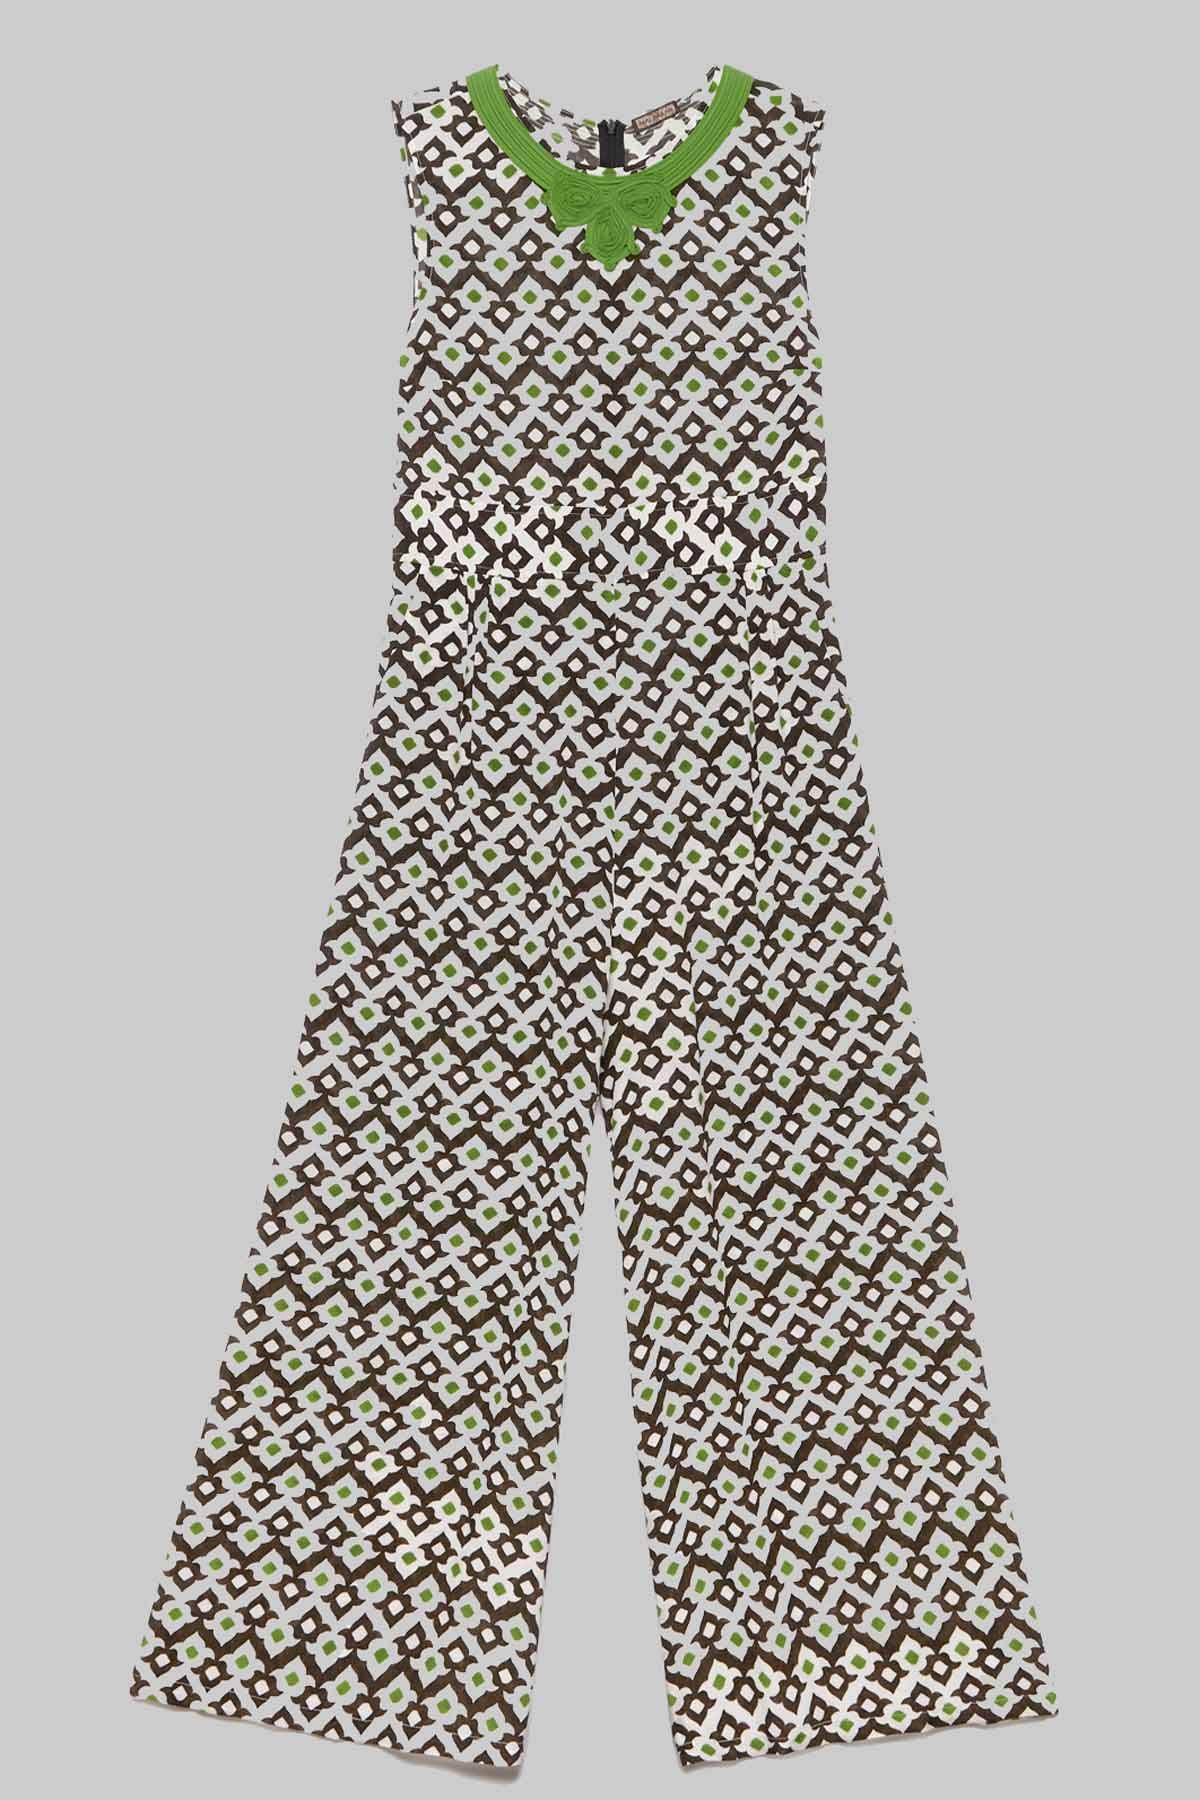 Abbigliamento Donna Abito Tuta Lunga Giromanica Vis Ceres Diamond Bianca e Nera a Fantasia Maliparmi | Abiti | JU001550552A1050